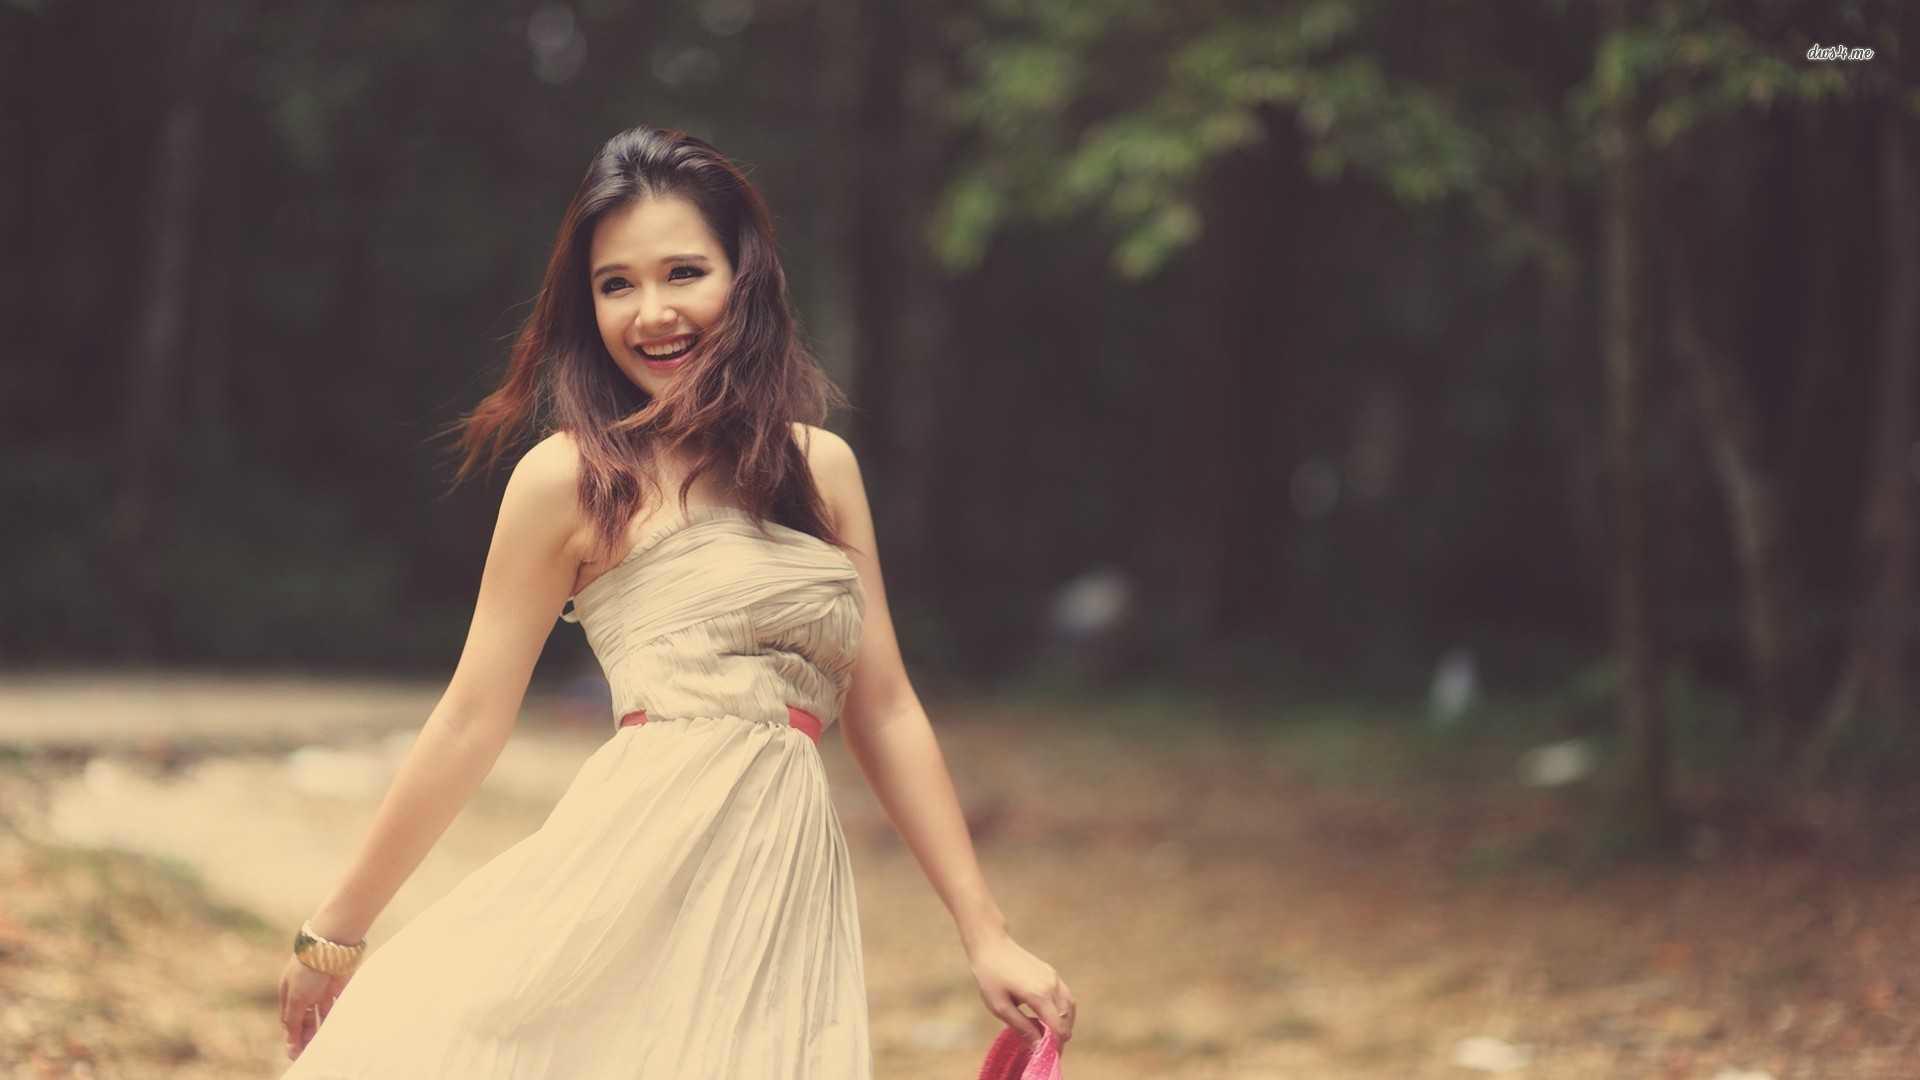 15 điểm ở phụ nữ khiến đàn ông không tài nào kháng cự được - Ảnh 4